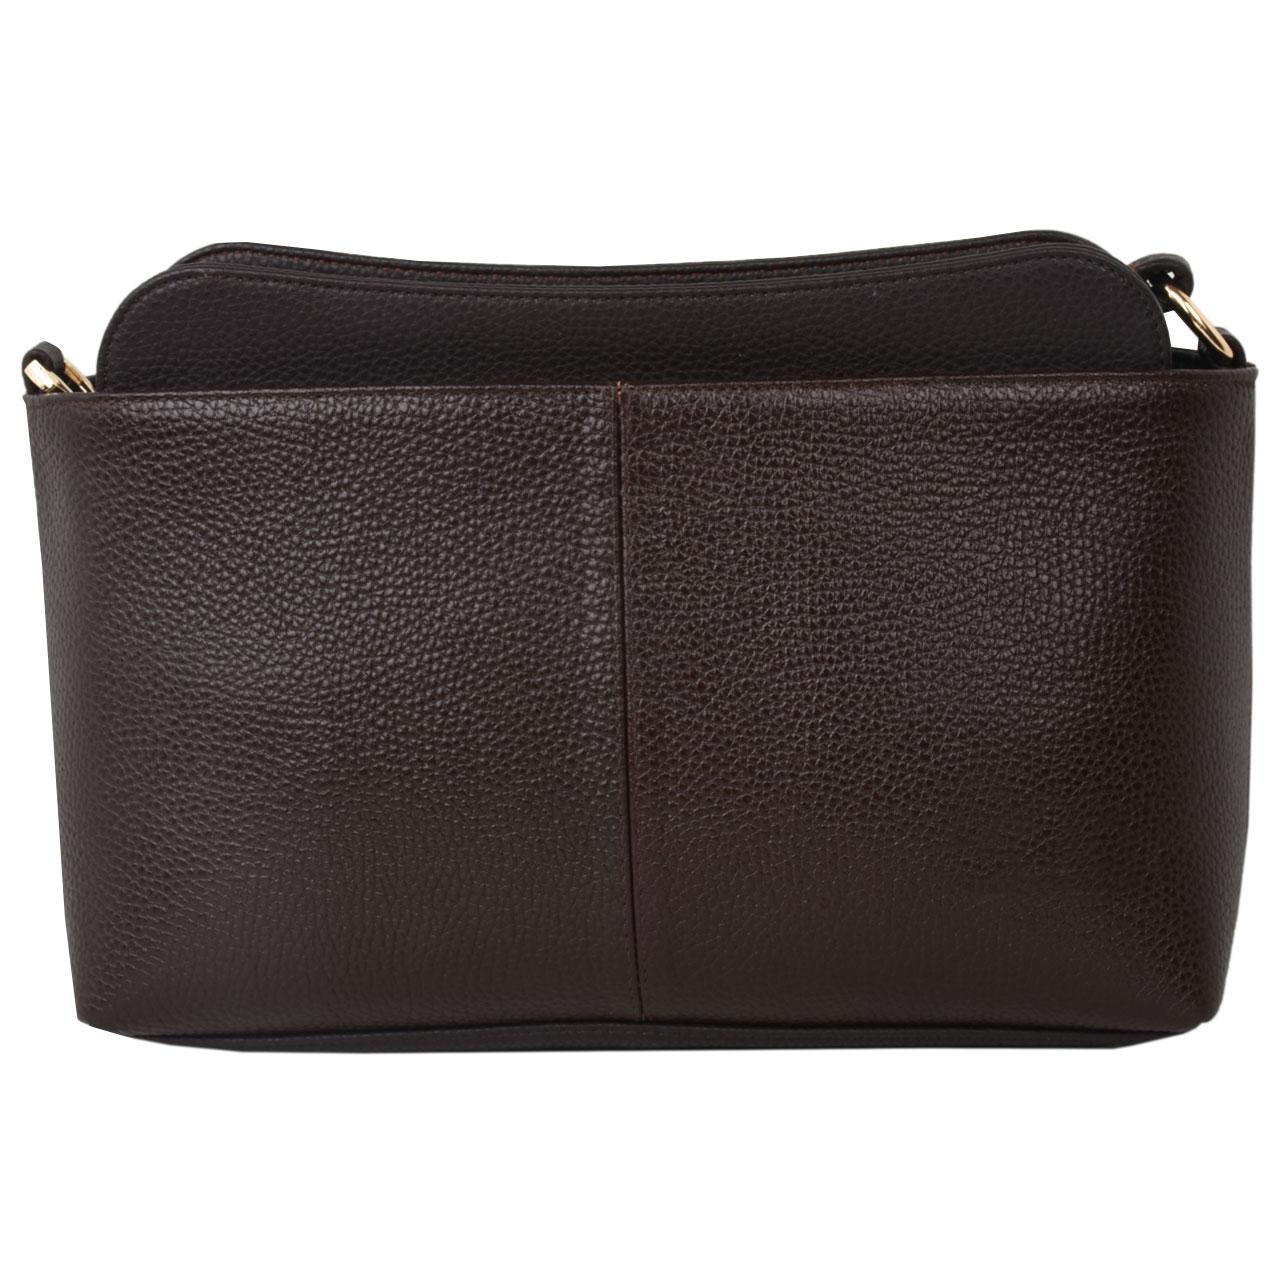 کیف دوشی زنانه پارینه مدل PLV15-7-861